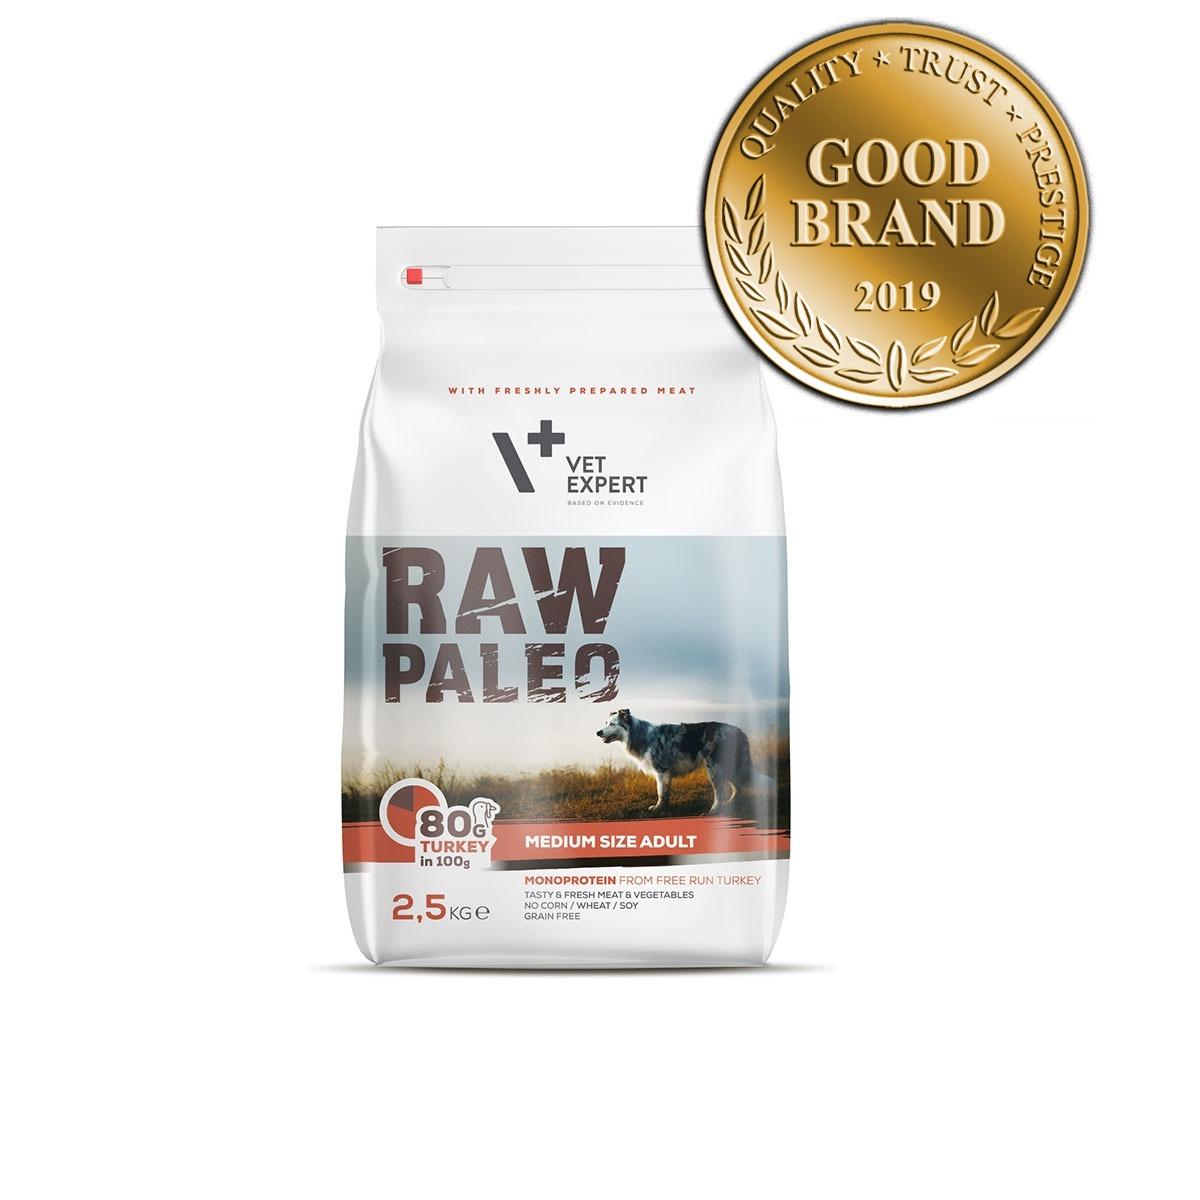 VetExpert Raw Paleo Adult Medium Breed 2.5kg Premium getreidefreies Hundefutter, Alleinfuttermittel, Trockenfutter, Nassfutter, Hundebedarf, Hundenahrung, Hundeernährung